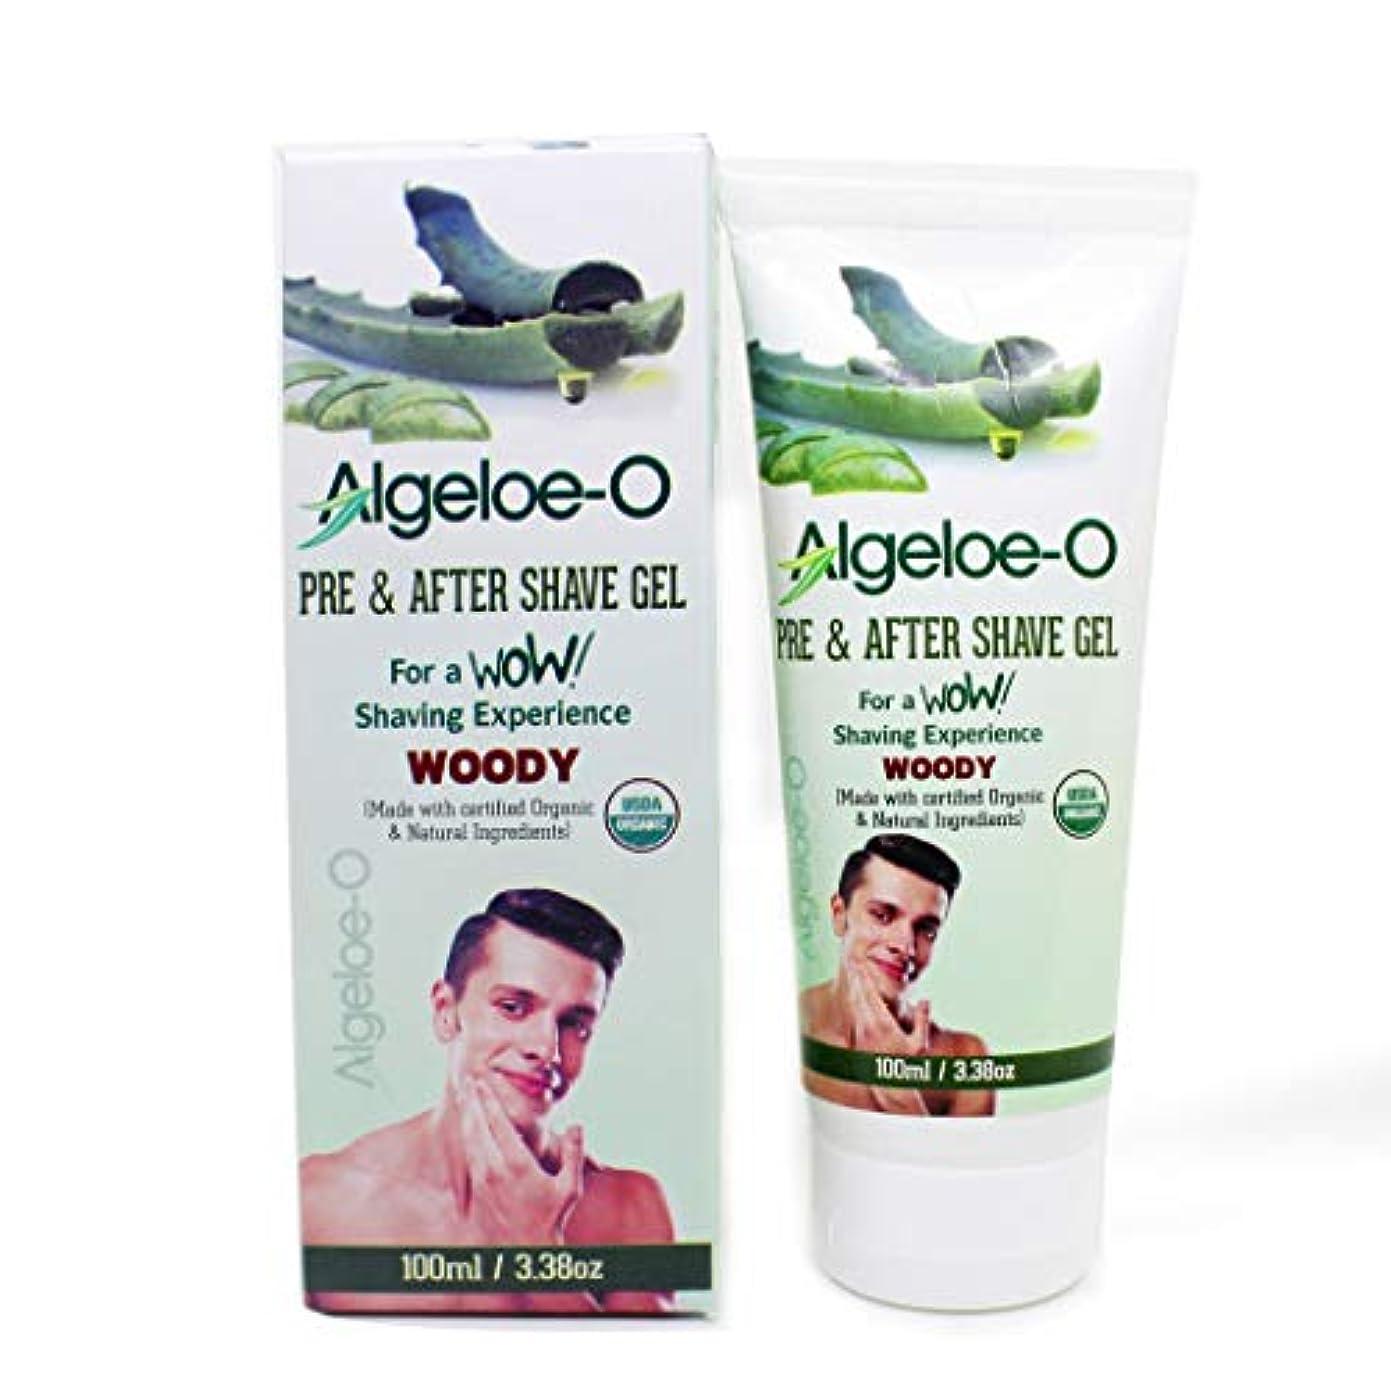 大惨事起業家恥ずかしいAloevera Pre And After Shave Gel - Algeloe O Made With Certified USDA Organic And Natural Ingredients - Woody...